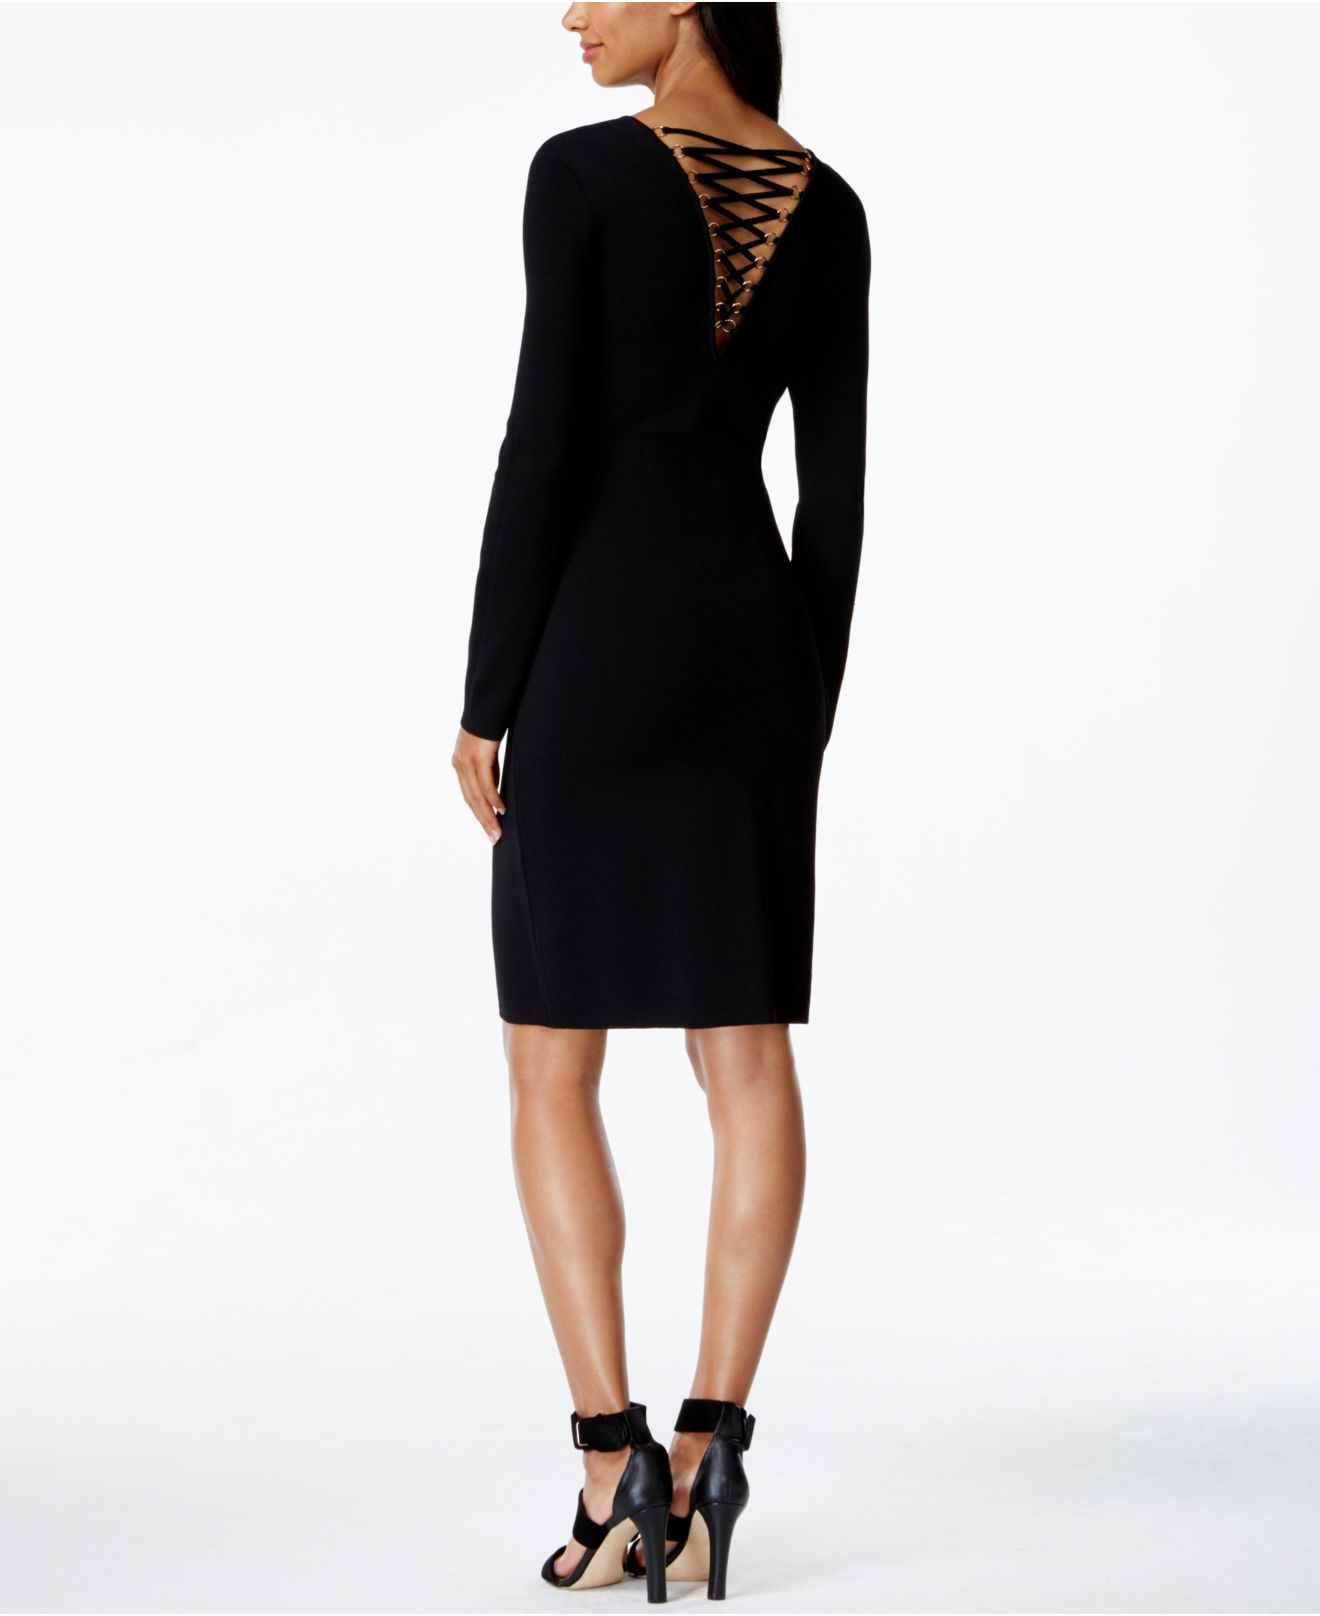 Lace up sheath dress